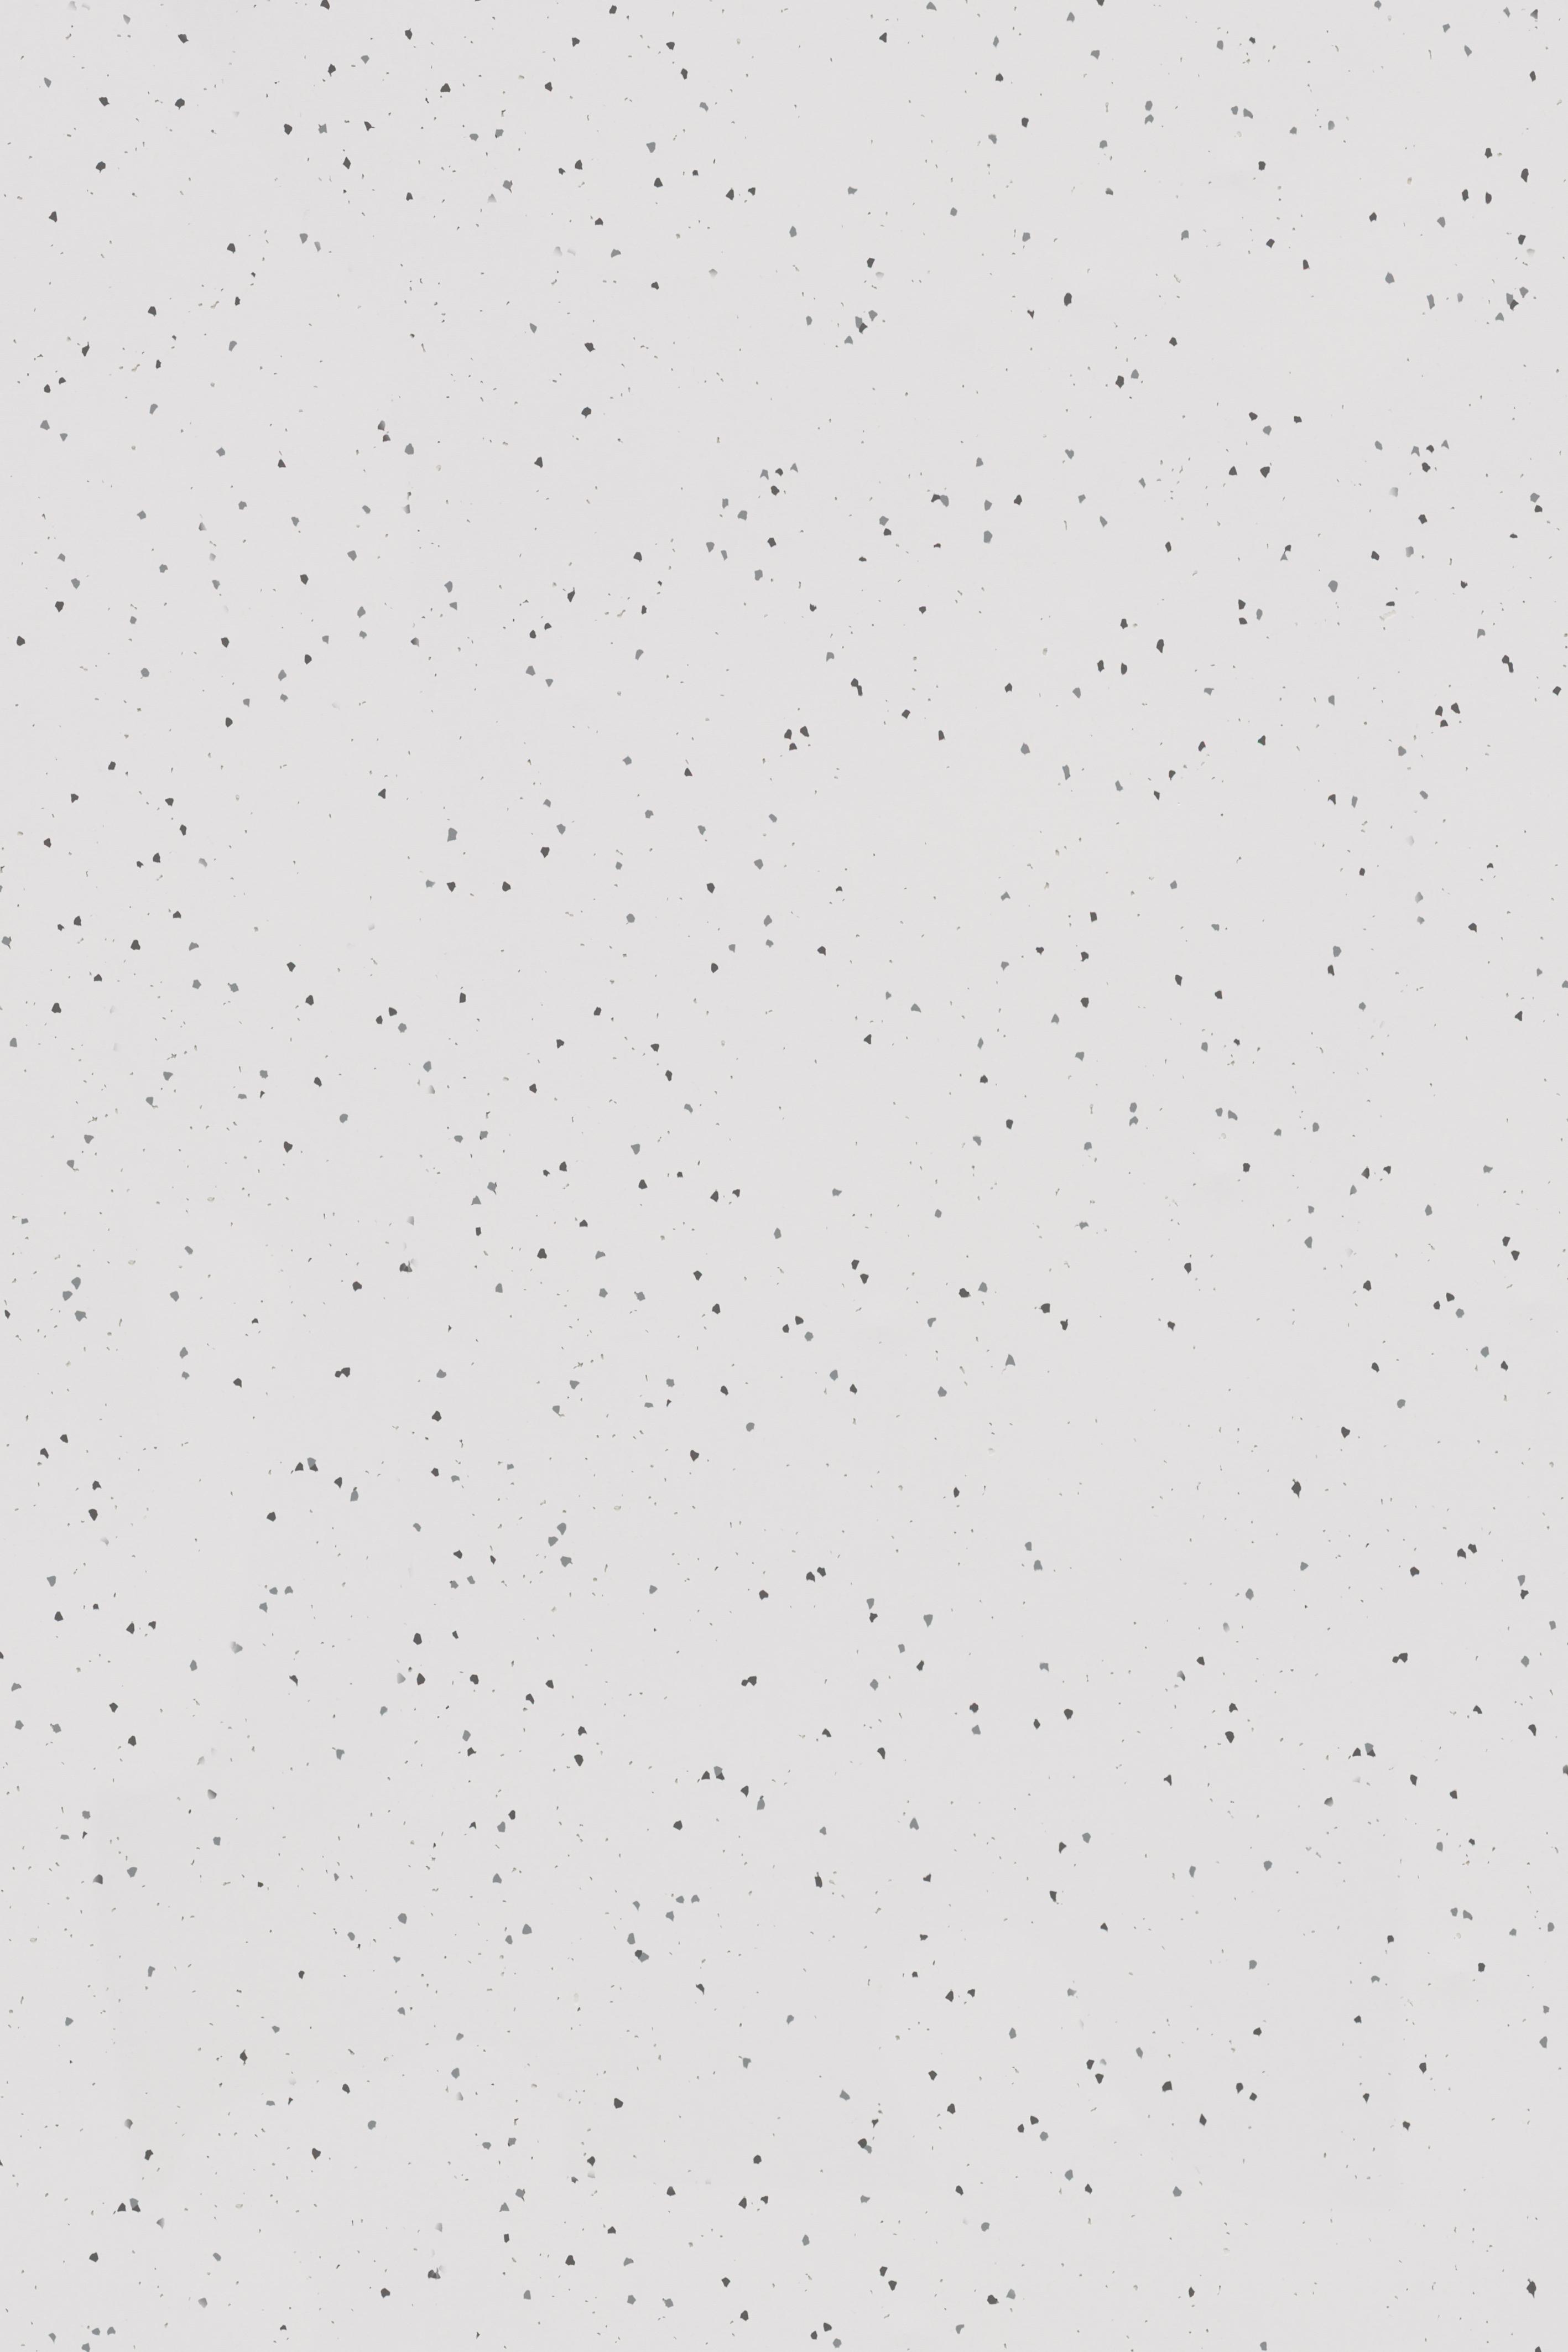 Прозрачные картинки анимации дождь